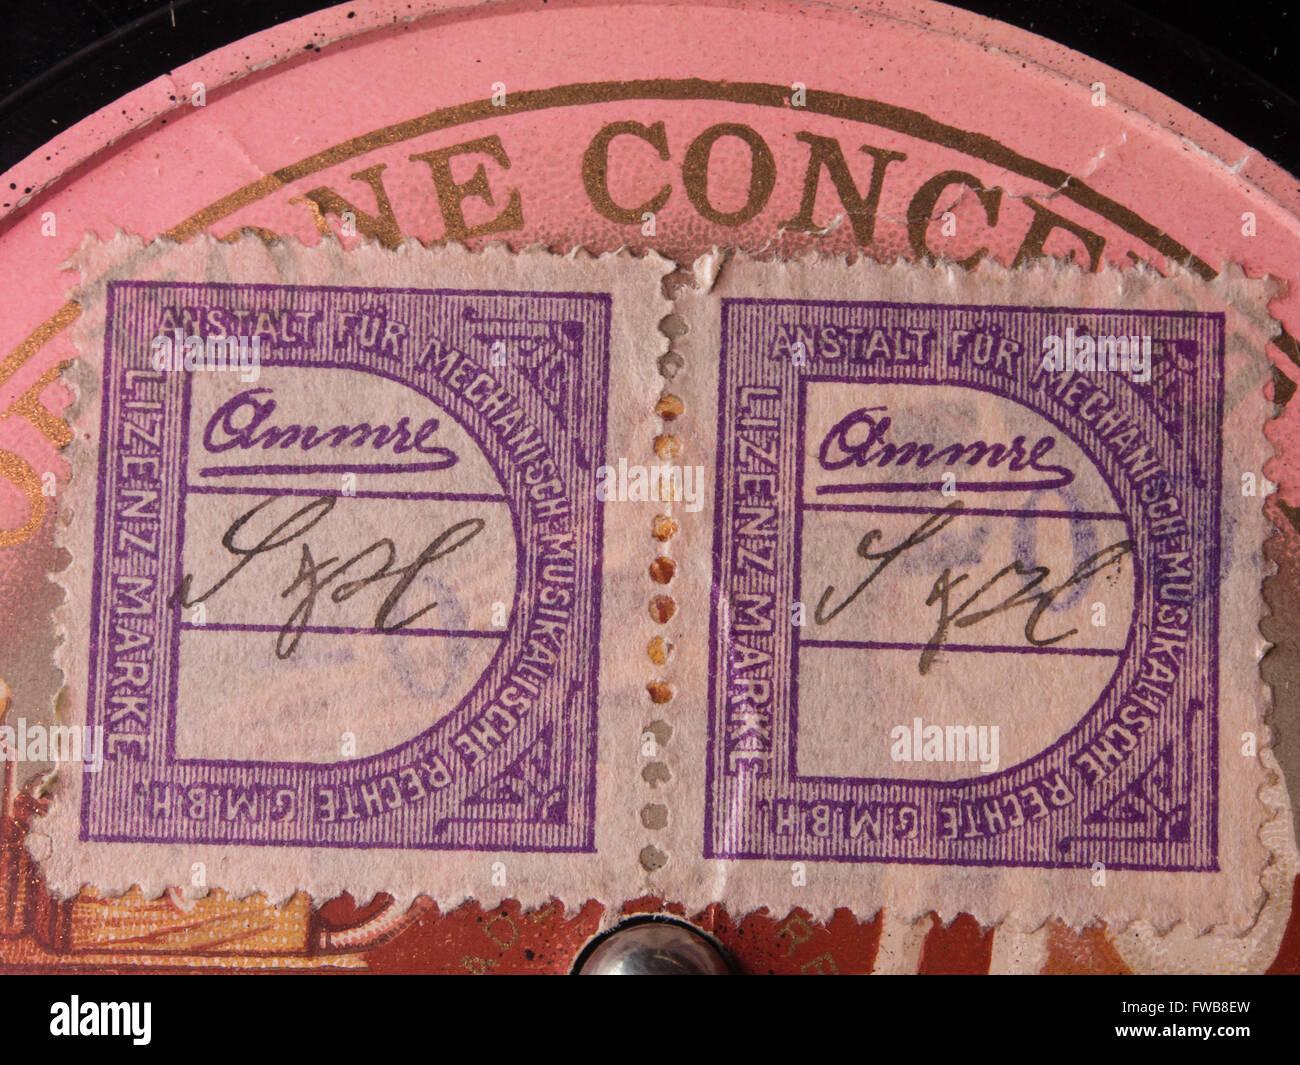 Deutsche Copyright Lizenz Briefmarken Mecanish Musikalishe Rechte